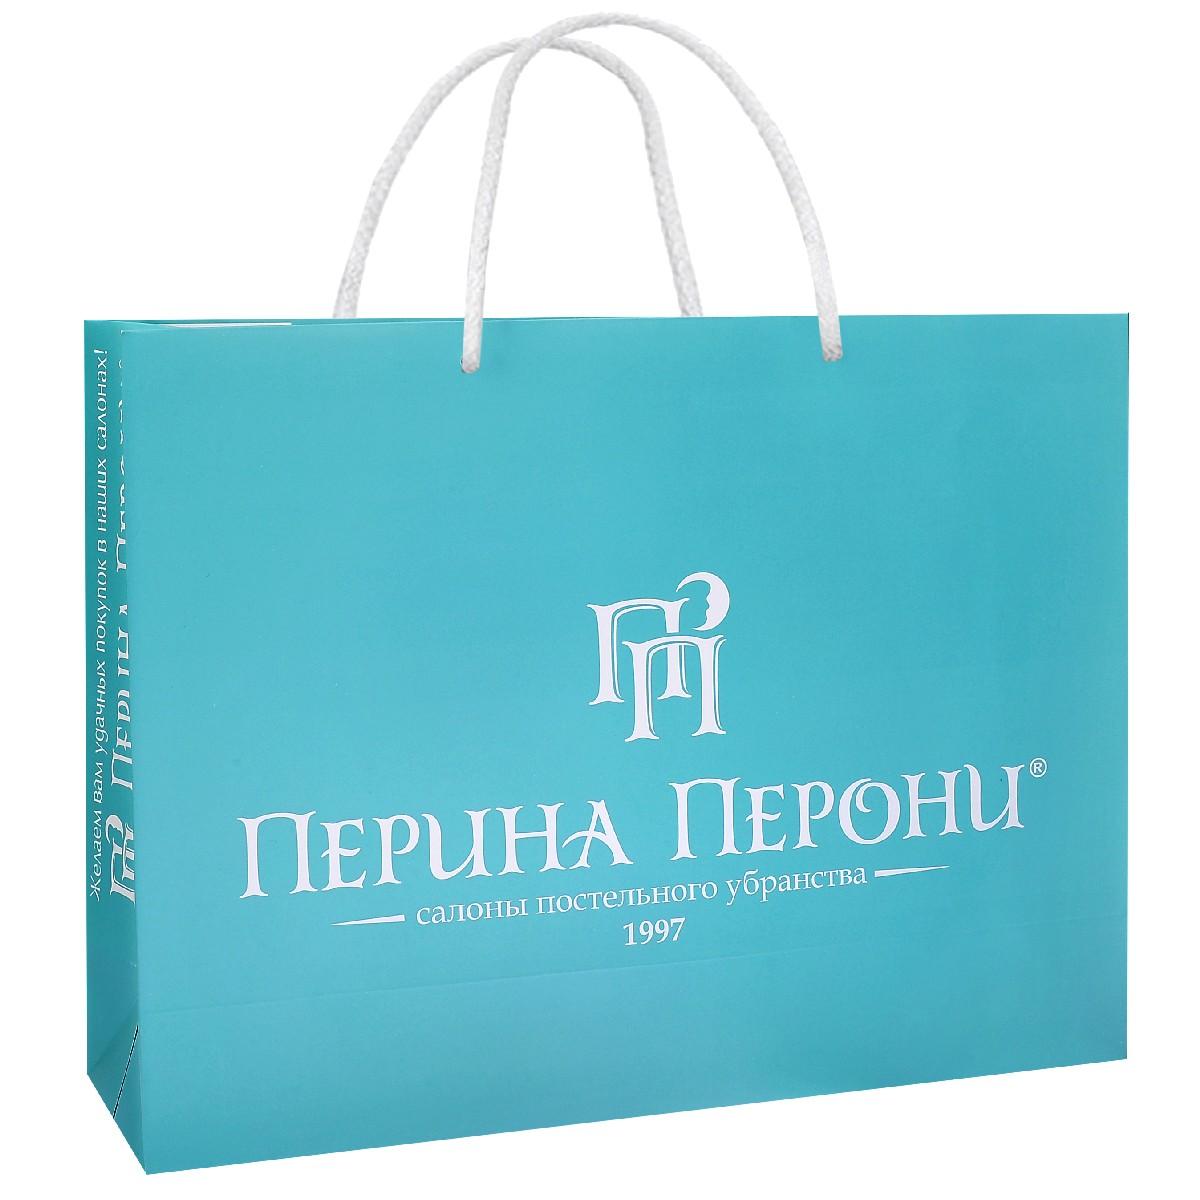 Перина Перони Интернет Магазин В Екатеринбурге